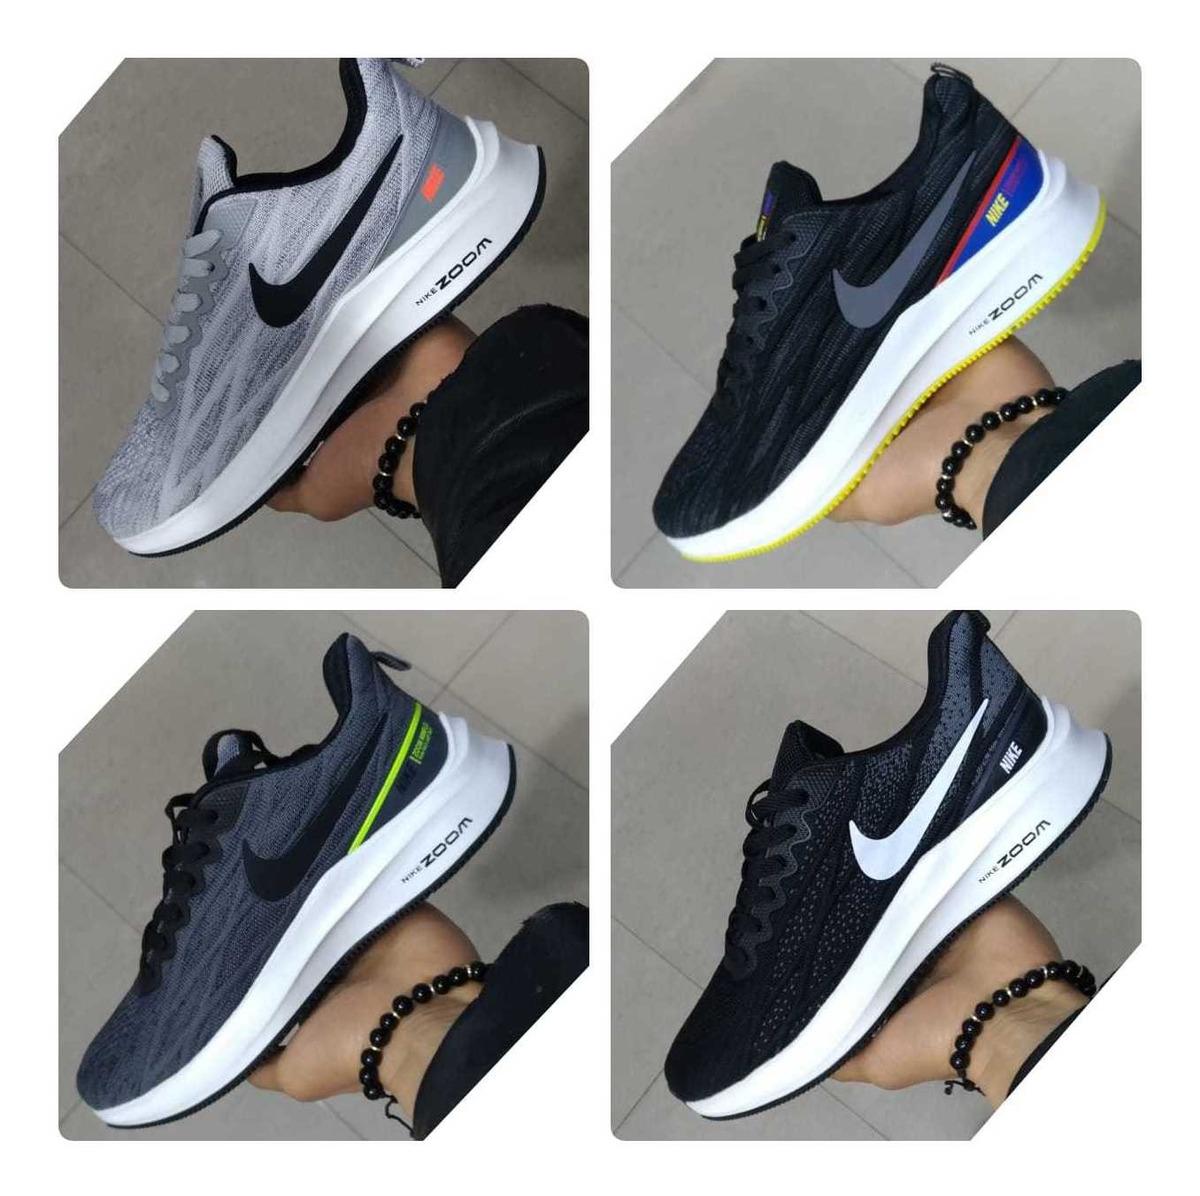 Zapatillas Nike Zoom X Hombre 2020 Nuevas